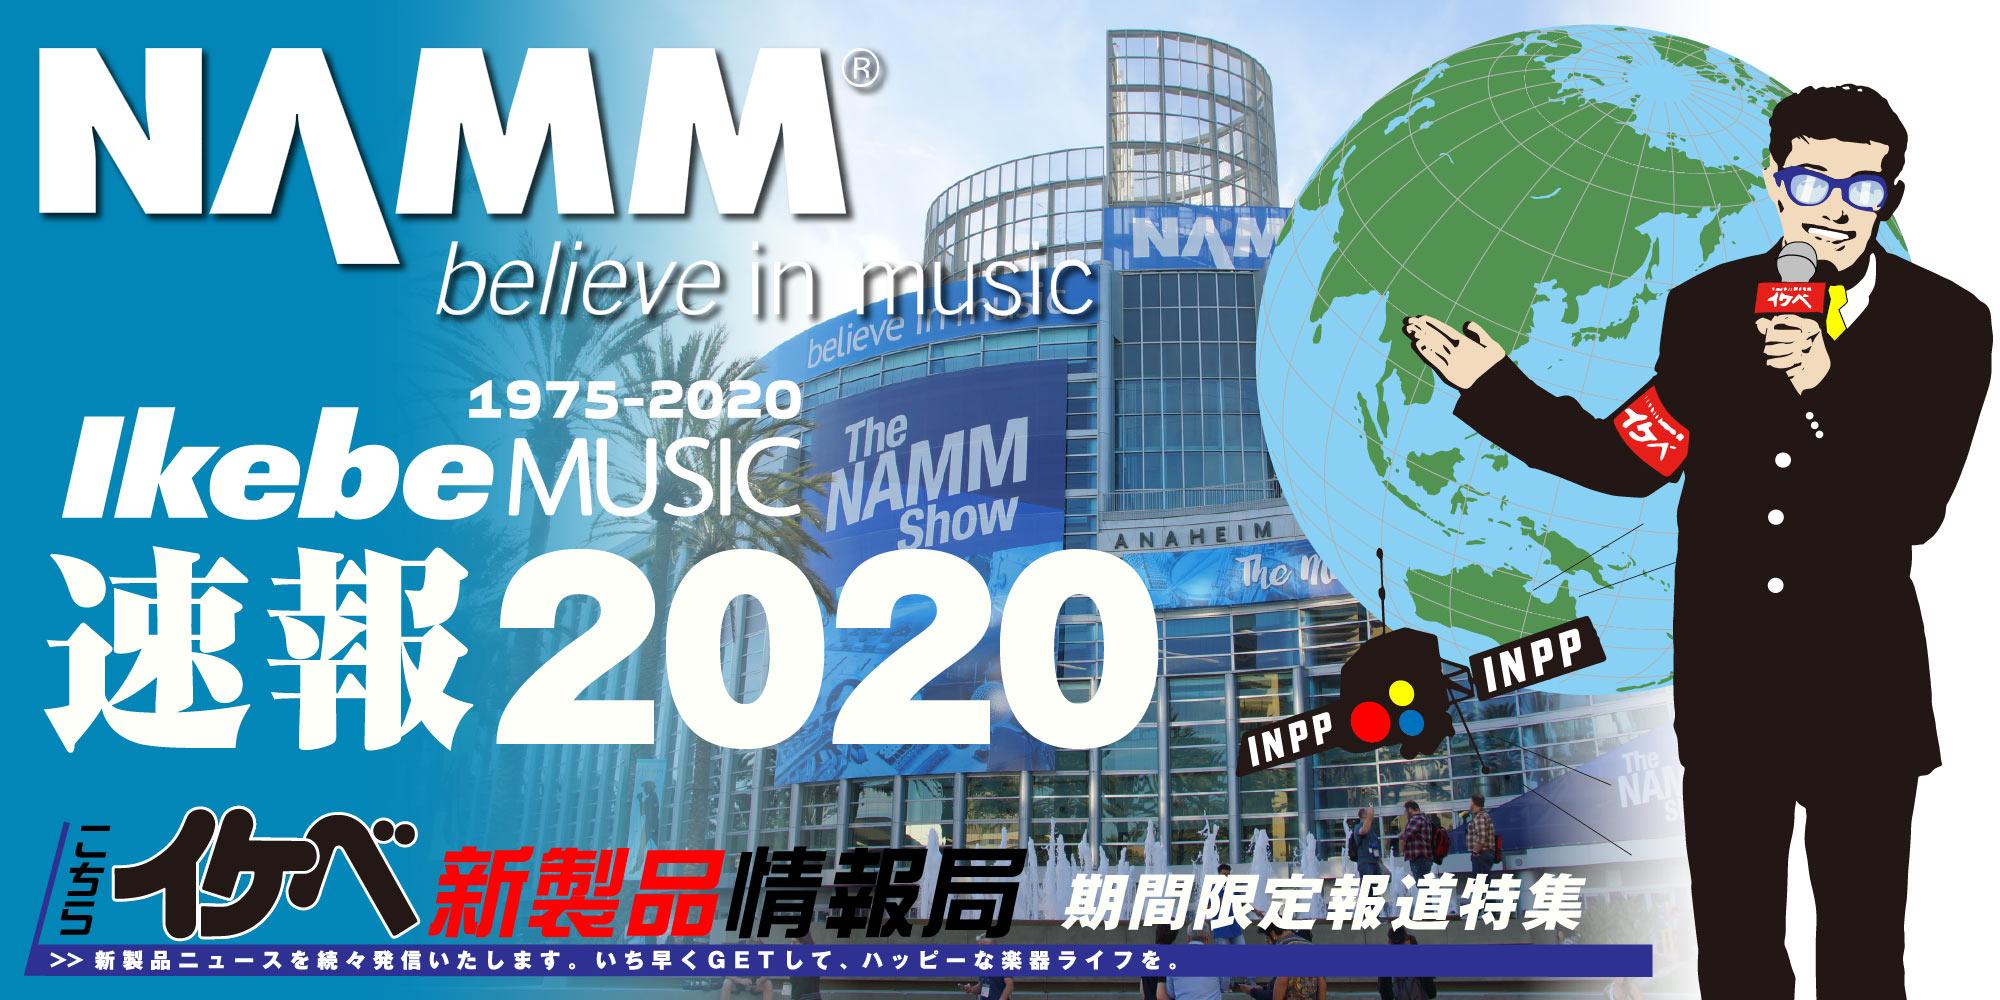 【NAMM Show 2019 イケベ新製品情報局】